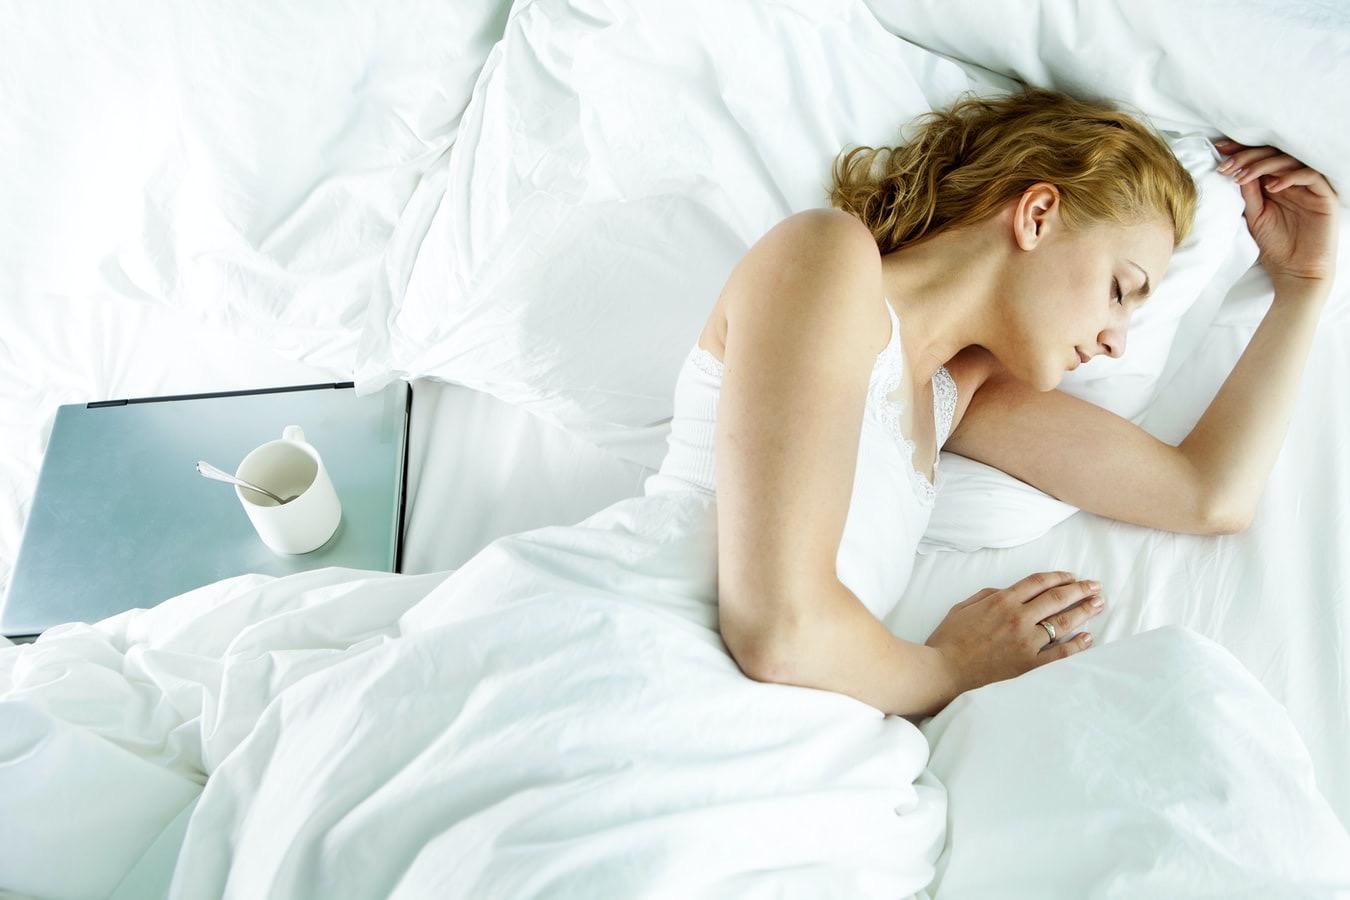 נמרחים במיטה יתר על המידה? צפו לכאבים